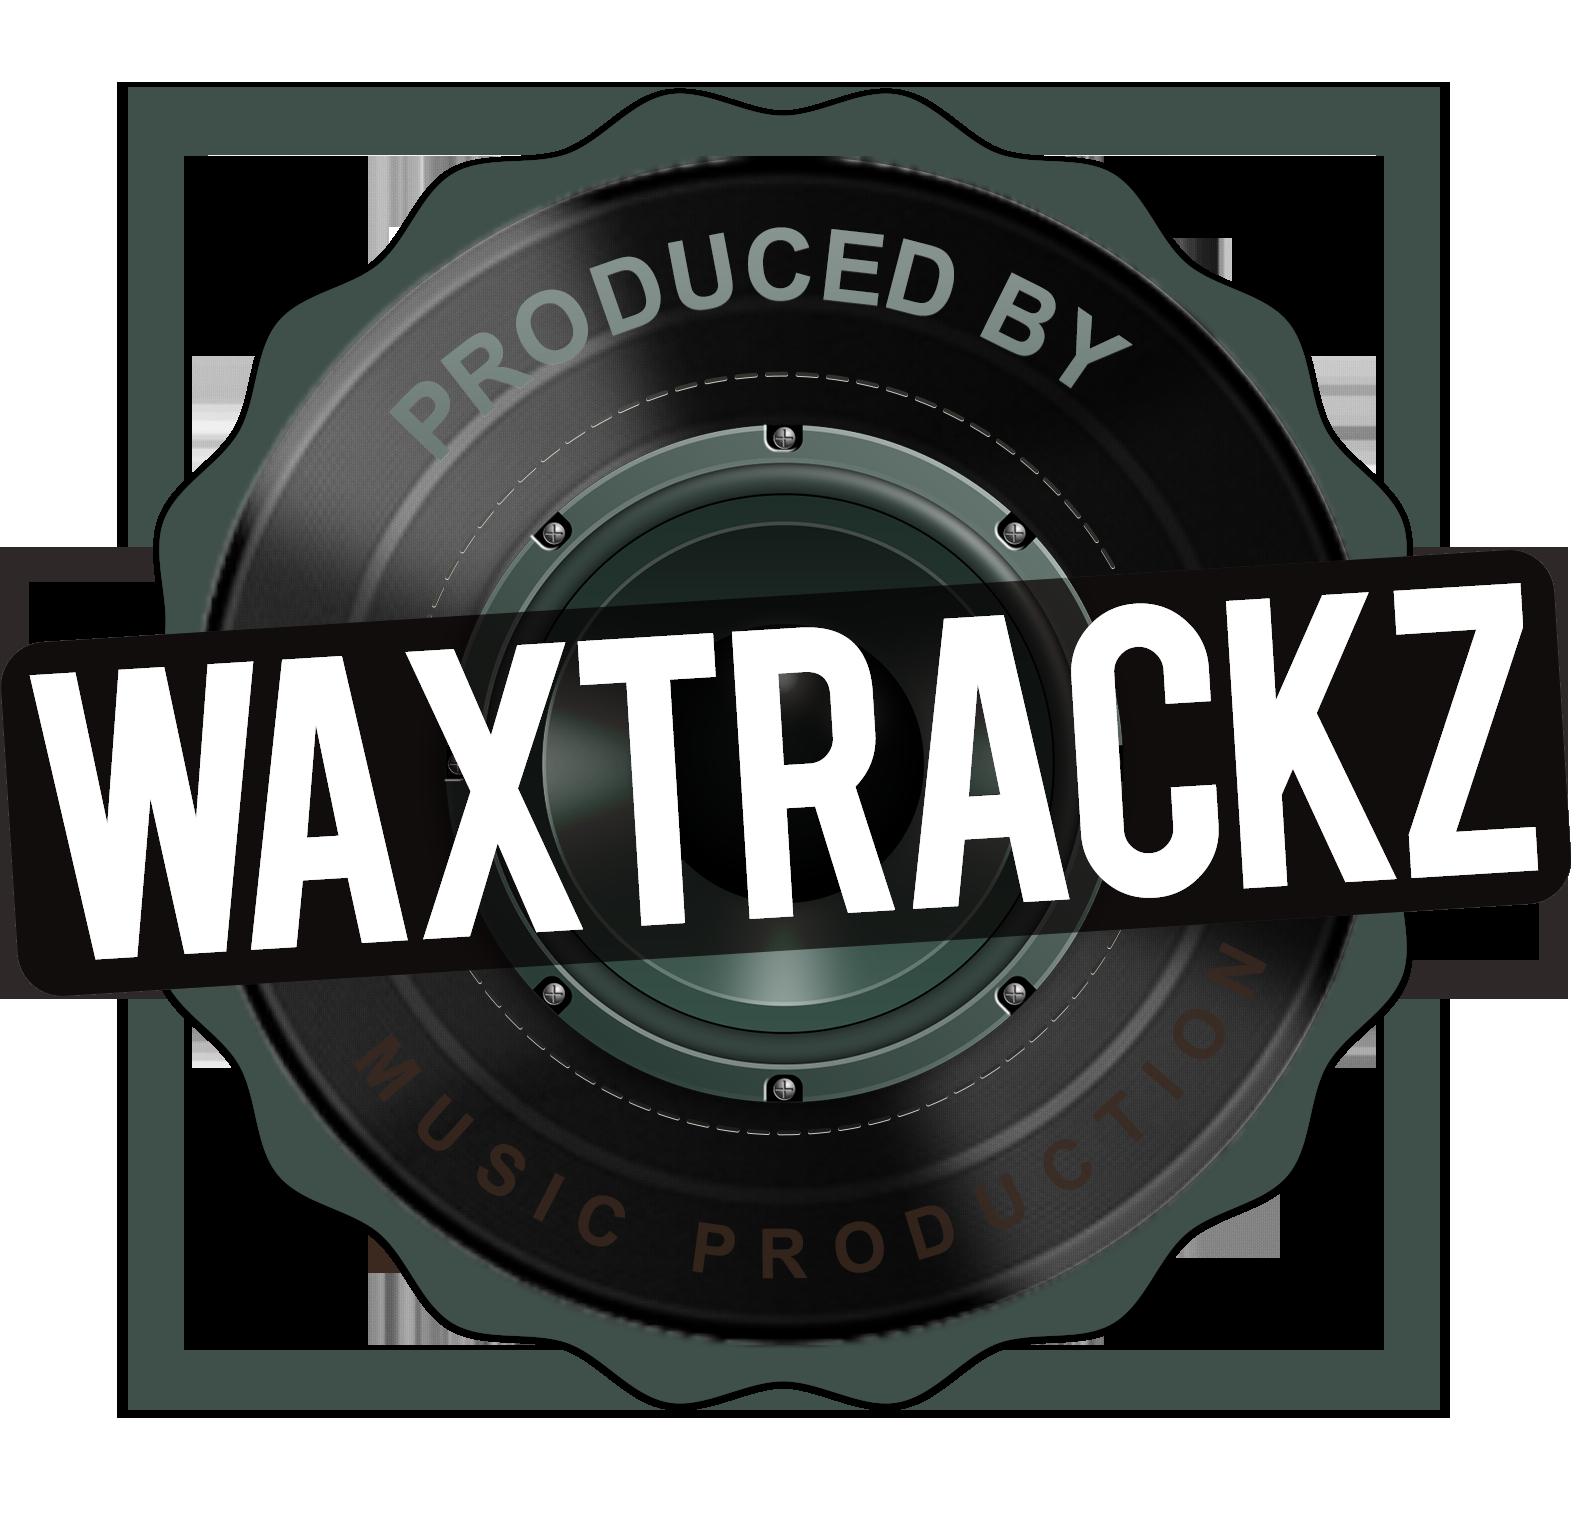 Waxtrackz                                Logo